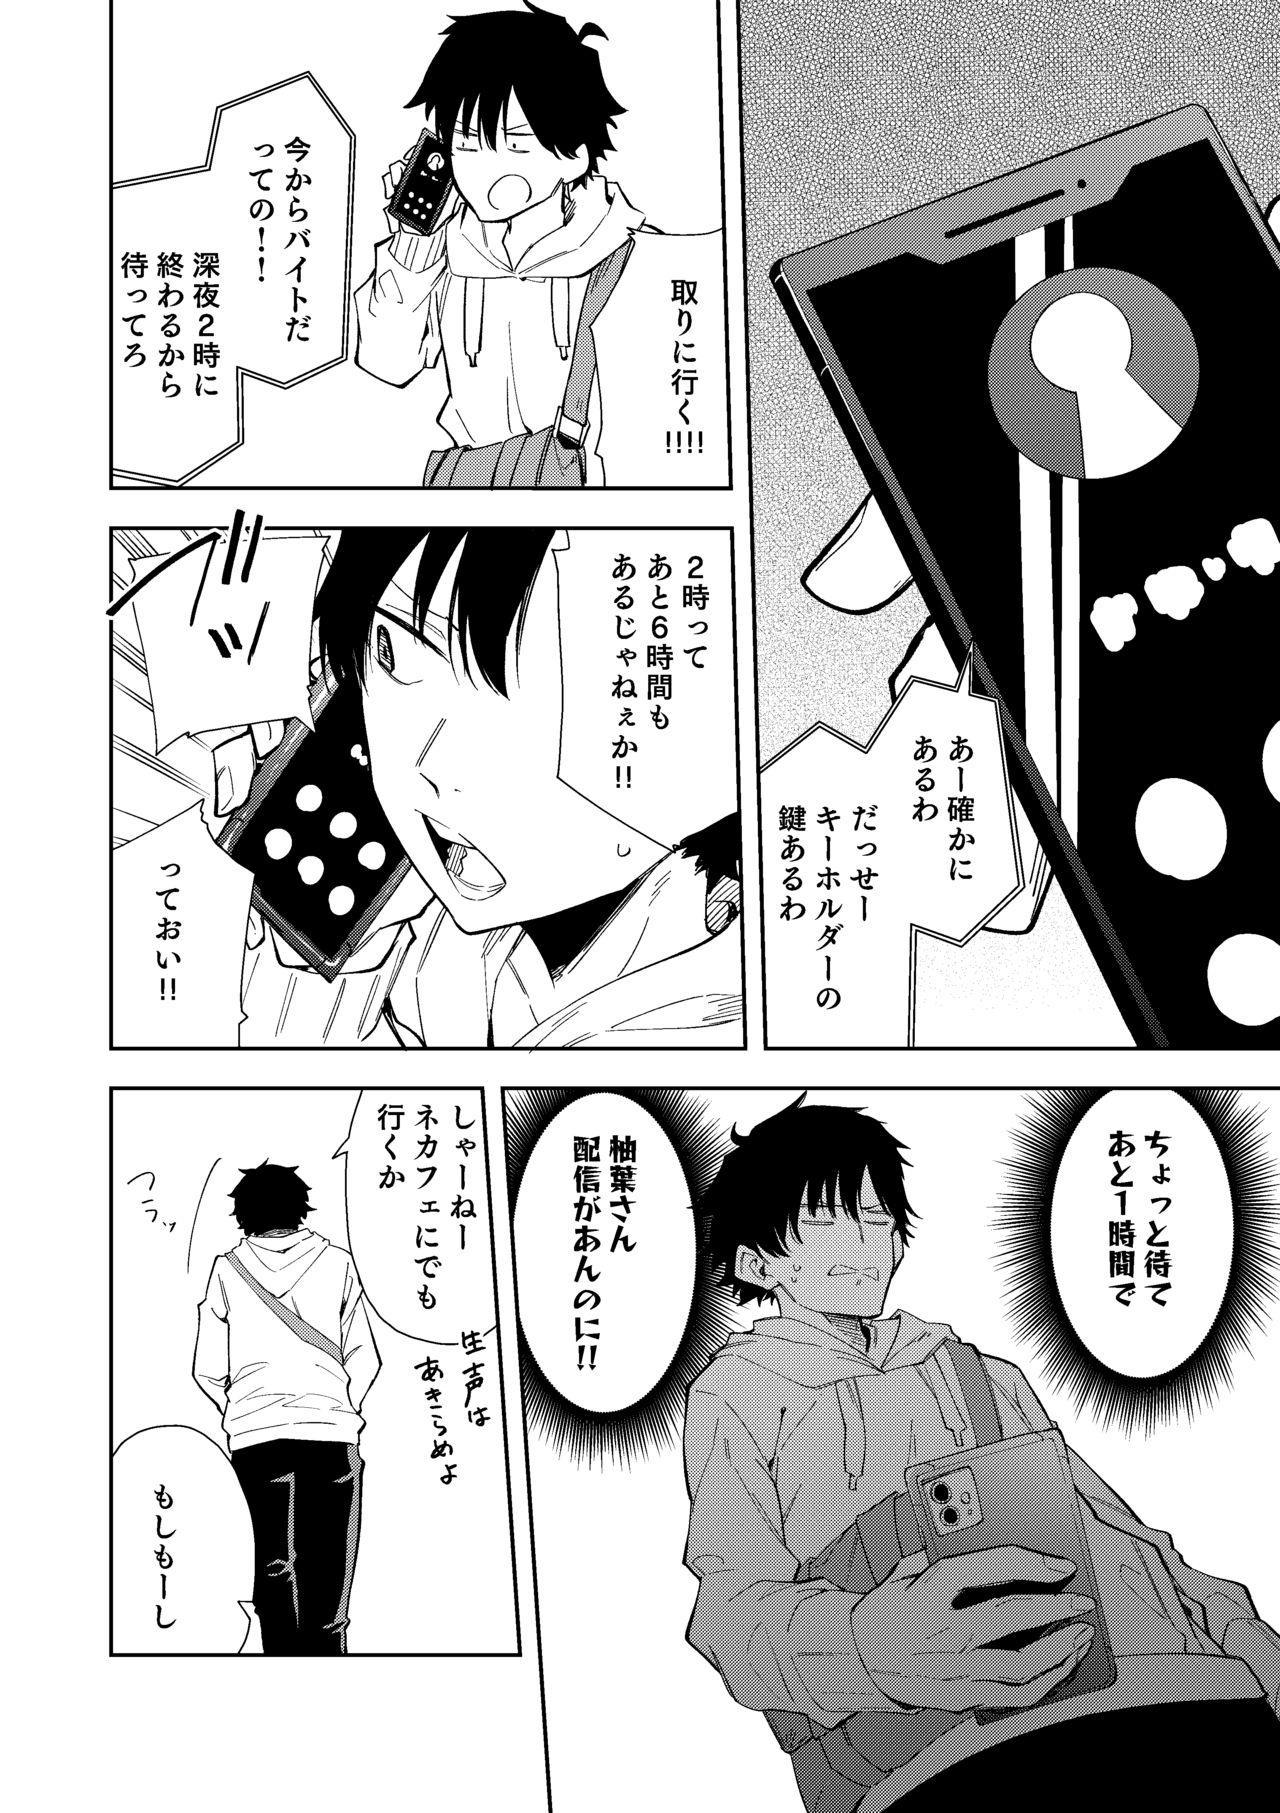 Rinjin wa Yuumei Haishinsha 4